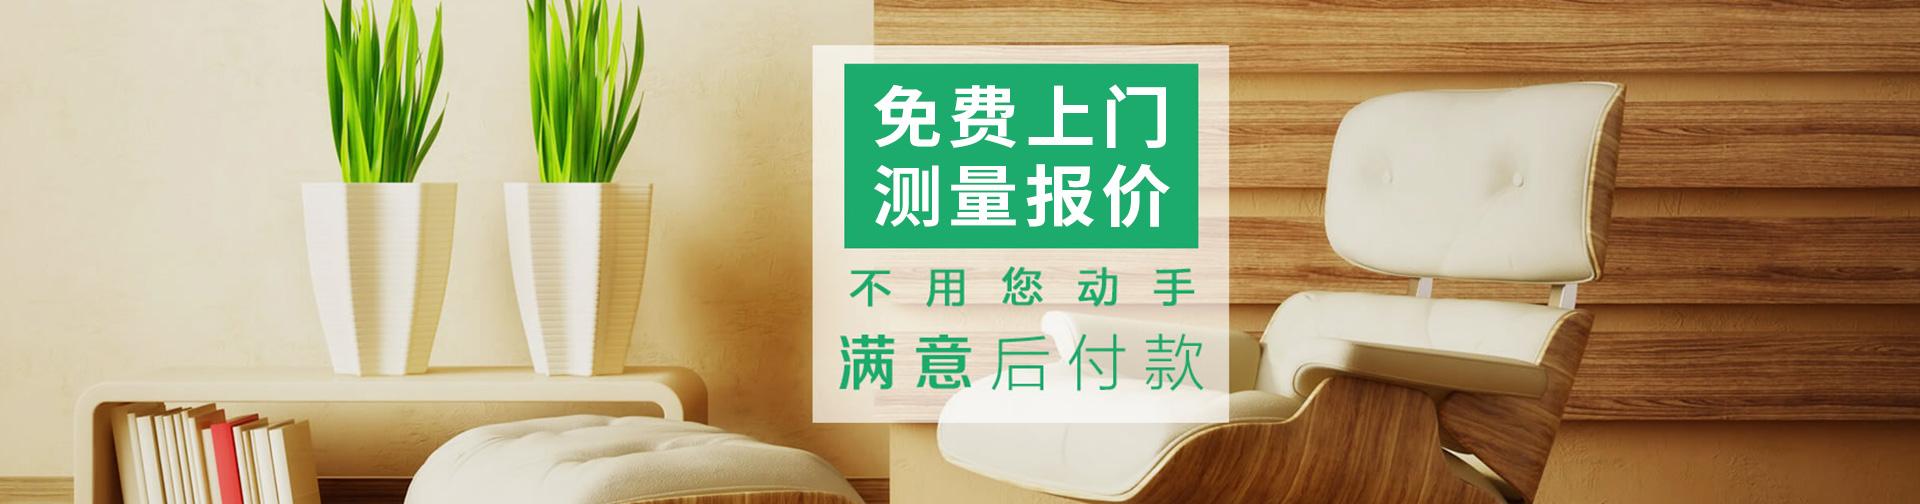 上海二手房翻新